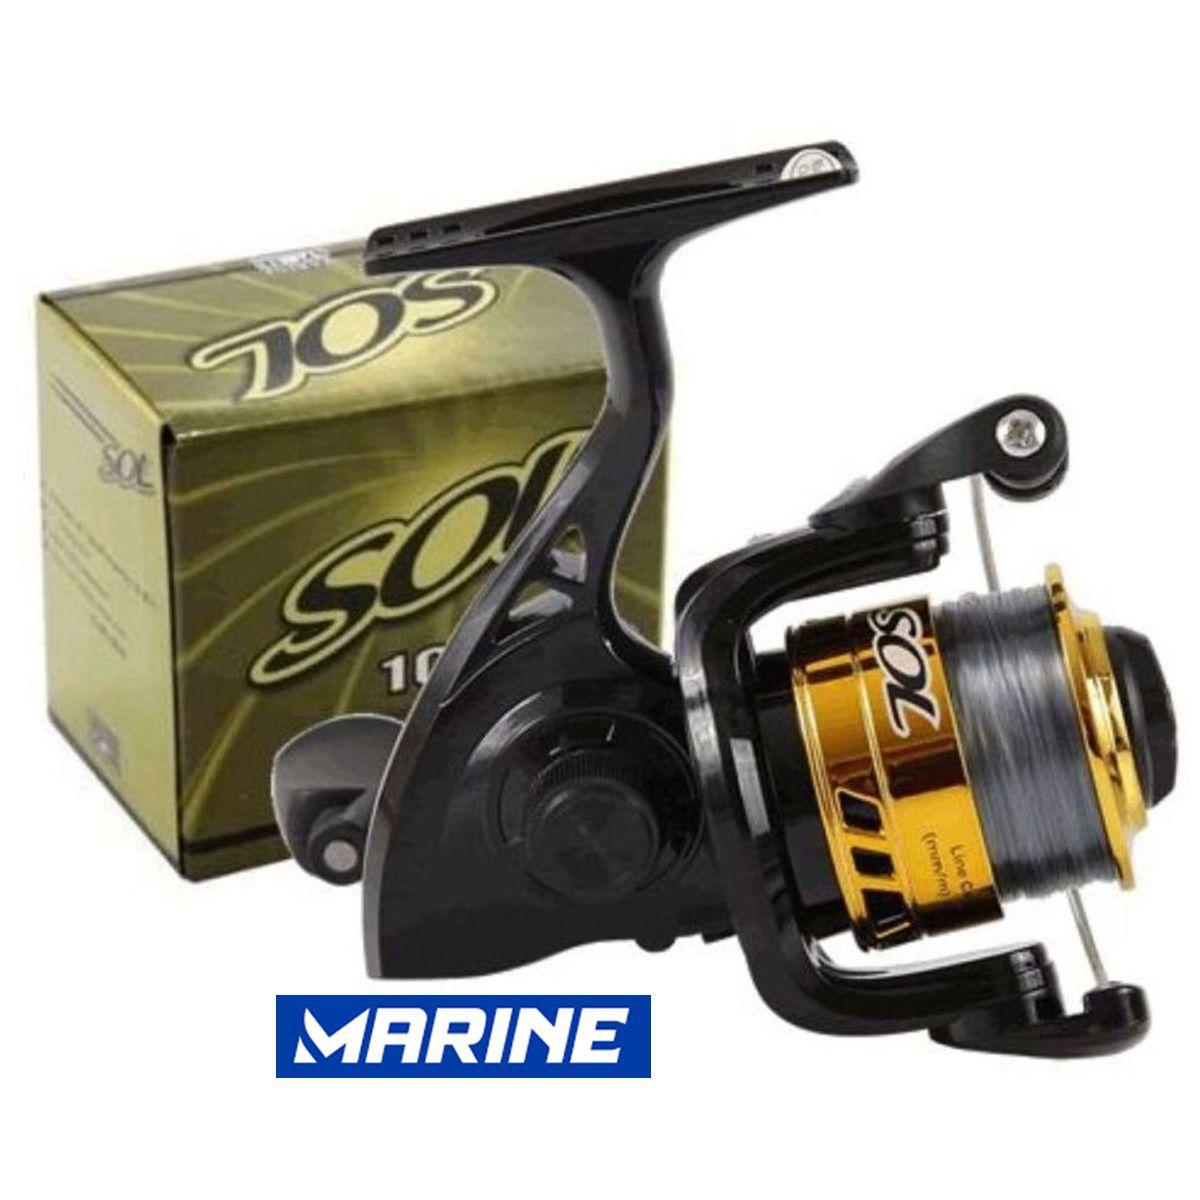 Kit De Pesca Completo 2 Vara 2 Molinete Caixa 6kg E Itens